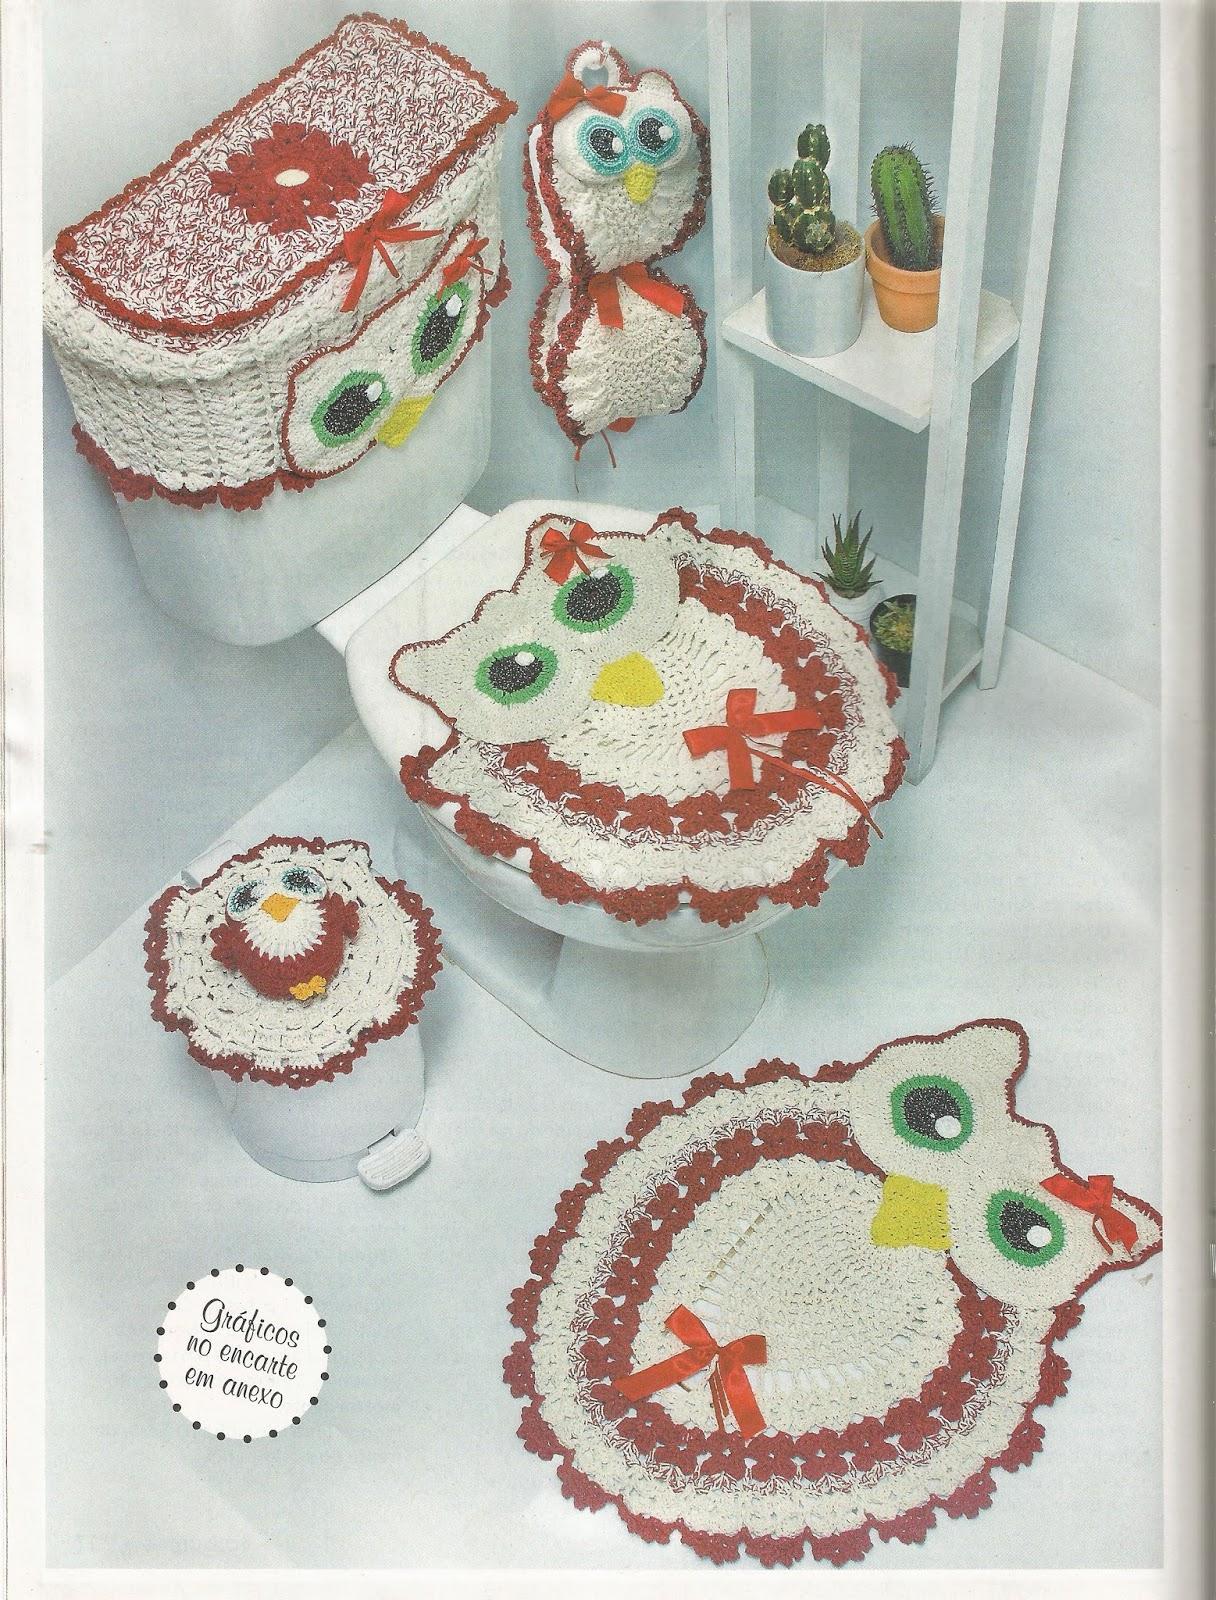 Jogo De Banheiro Completo : Mania de tricotar jogo banheiro coruja passo ?